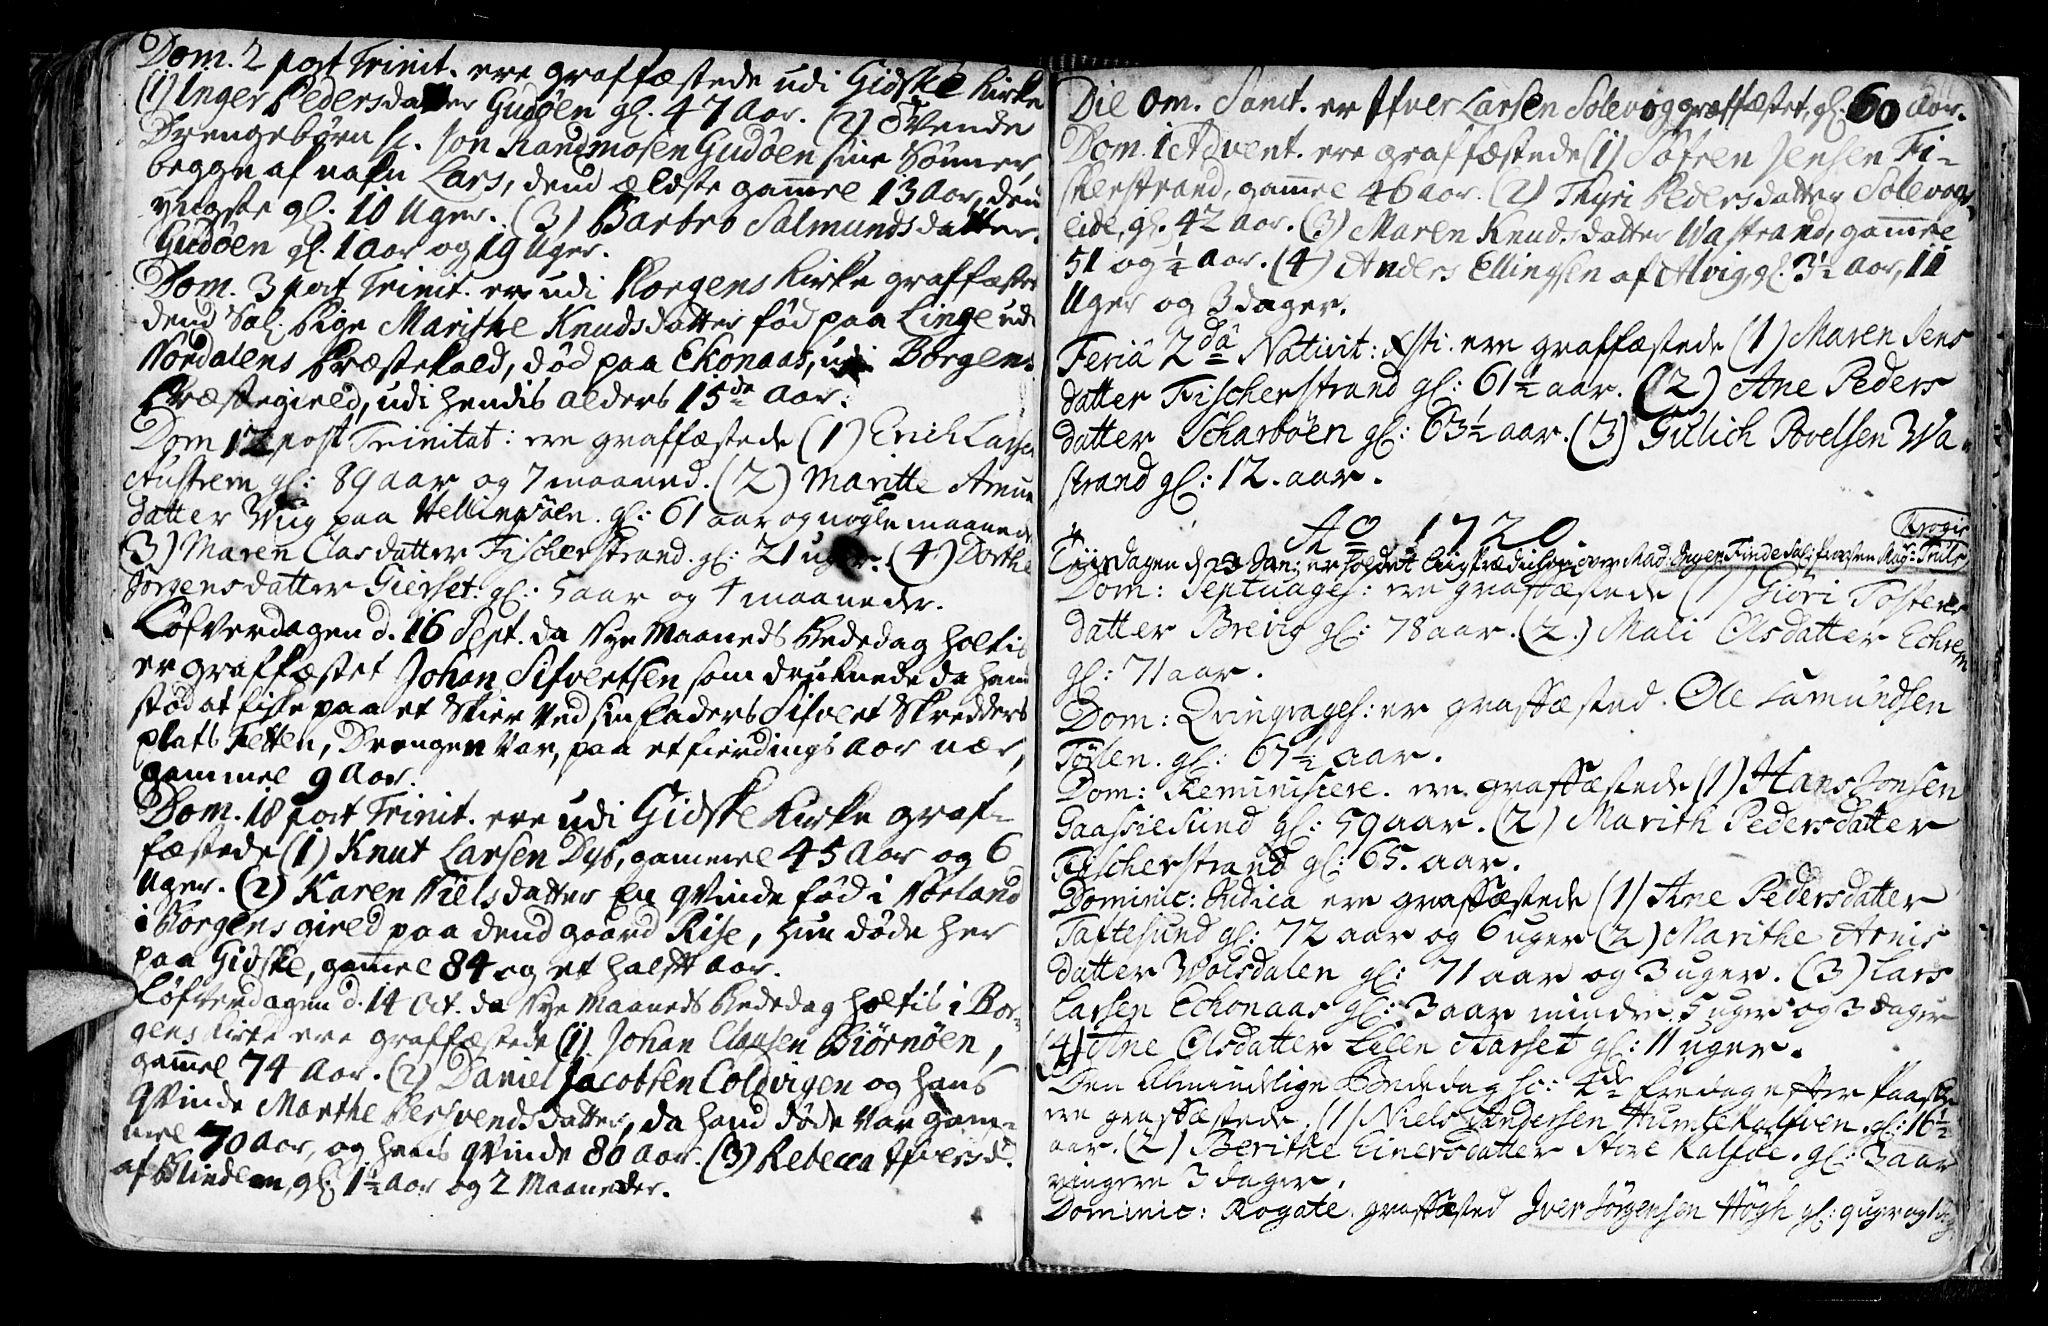 SAT, Ministerialprotokoller, klokkerbøker og fødselsregistre - Møre og Romsdal, 528/L0390: Ministerialbok nr. 528A01, 1698-1739, s. 510-511